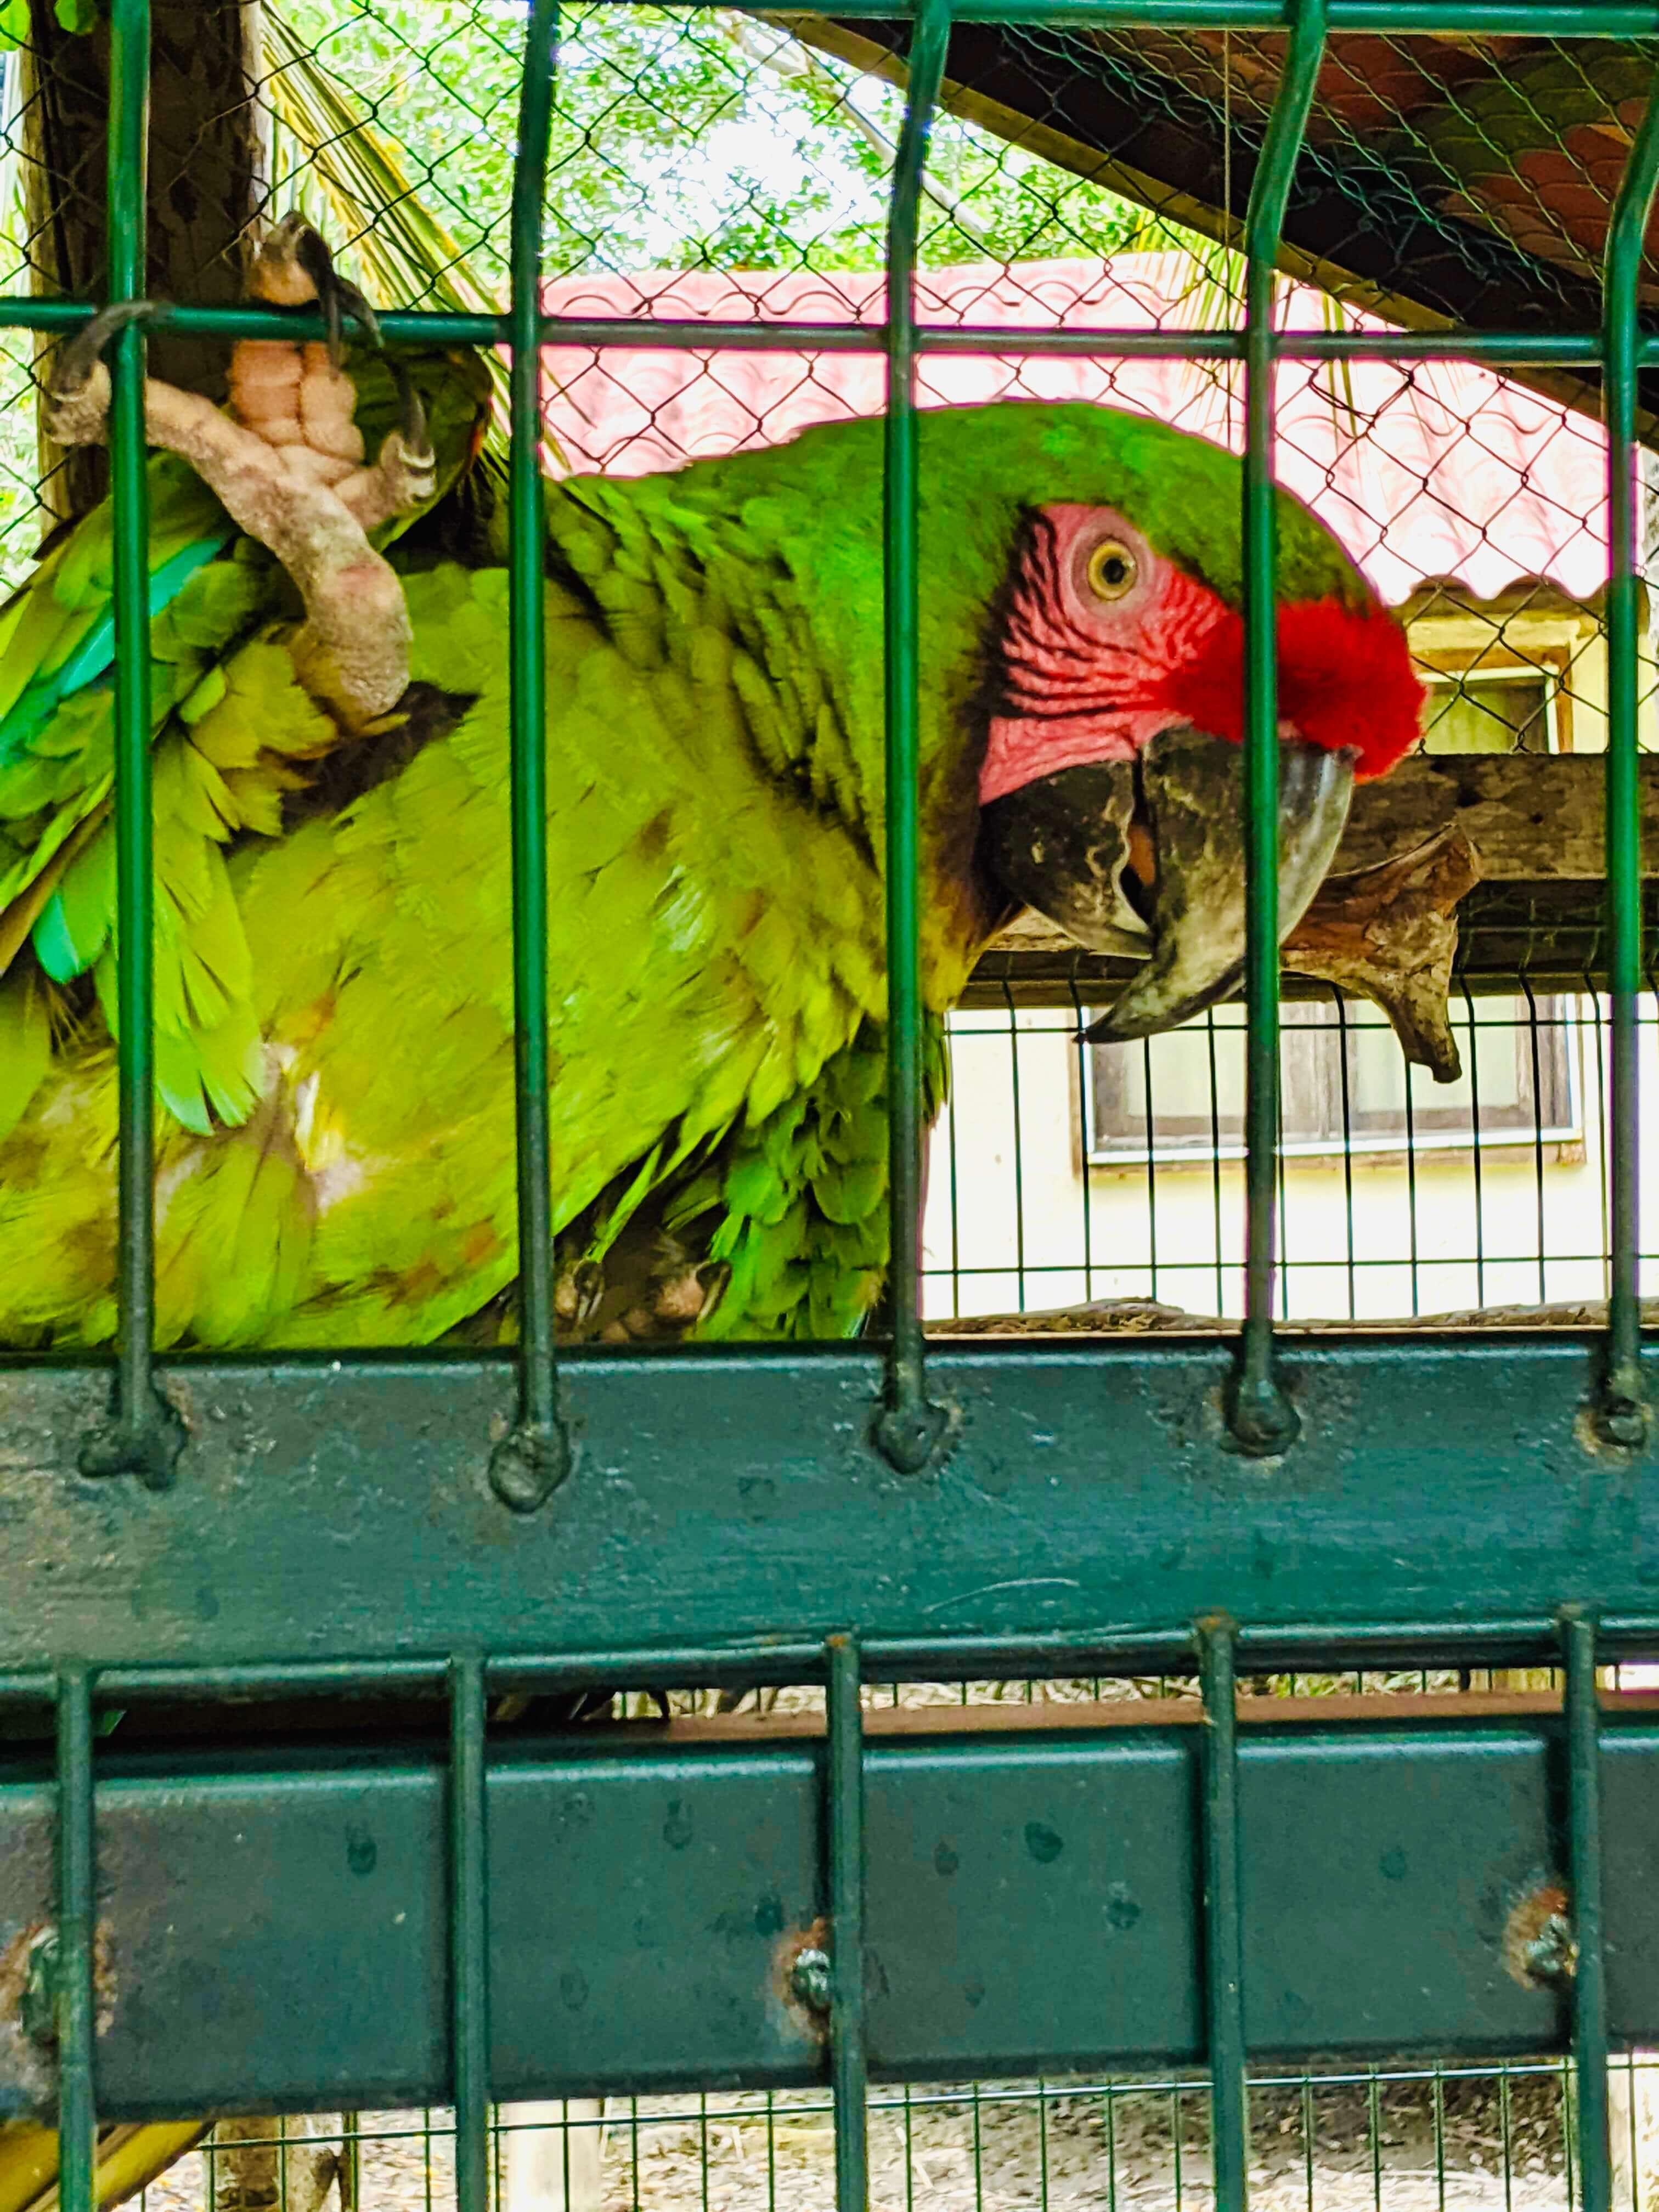 A green Macaw bird